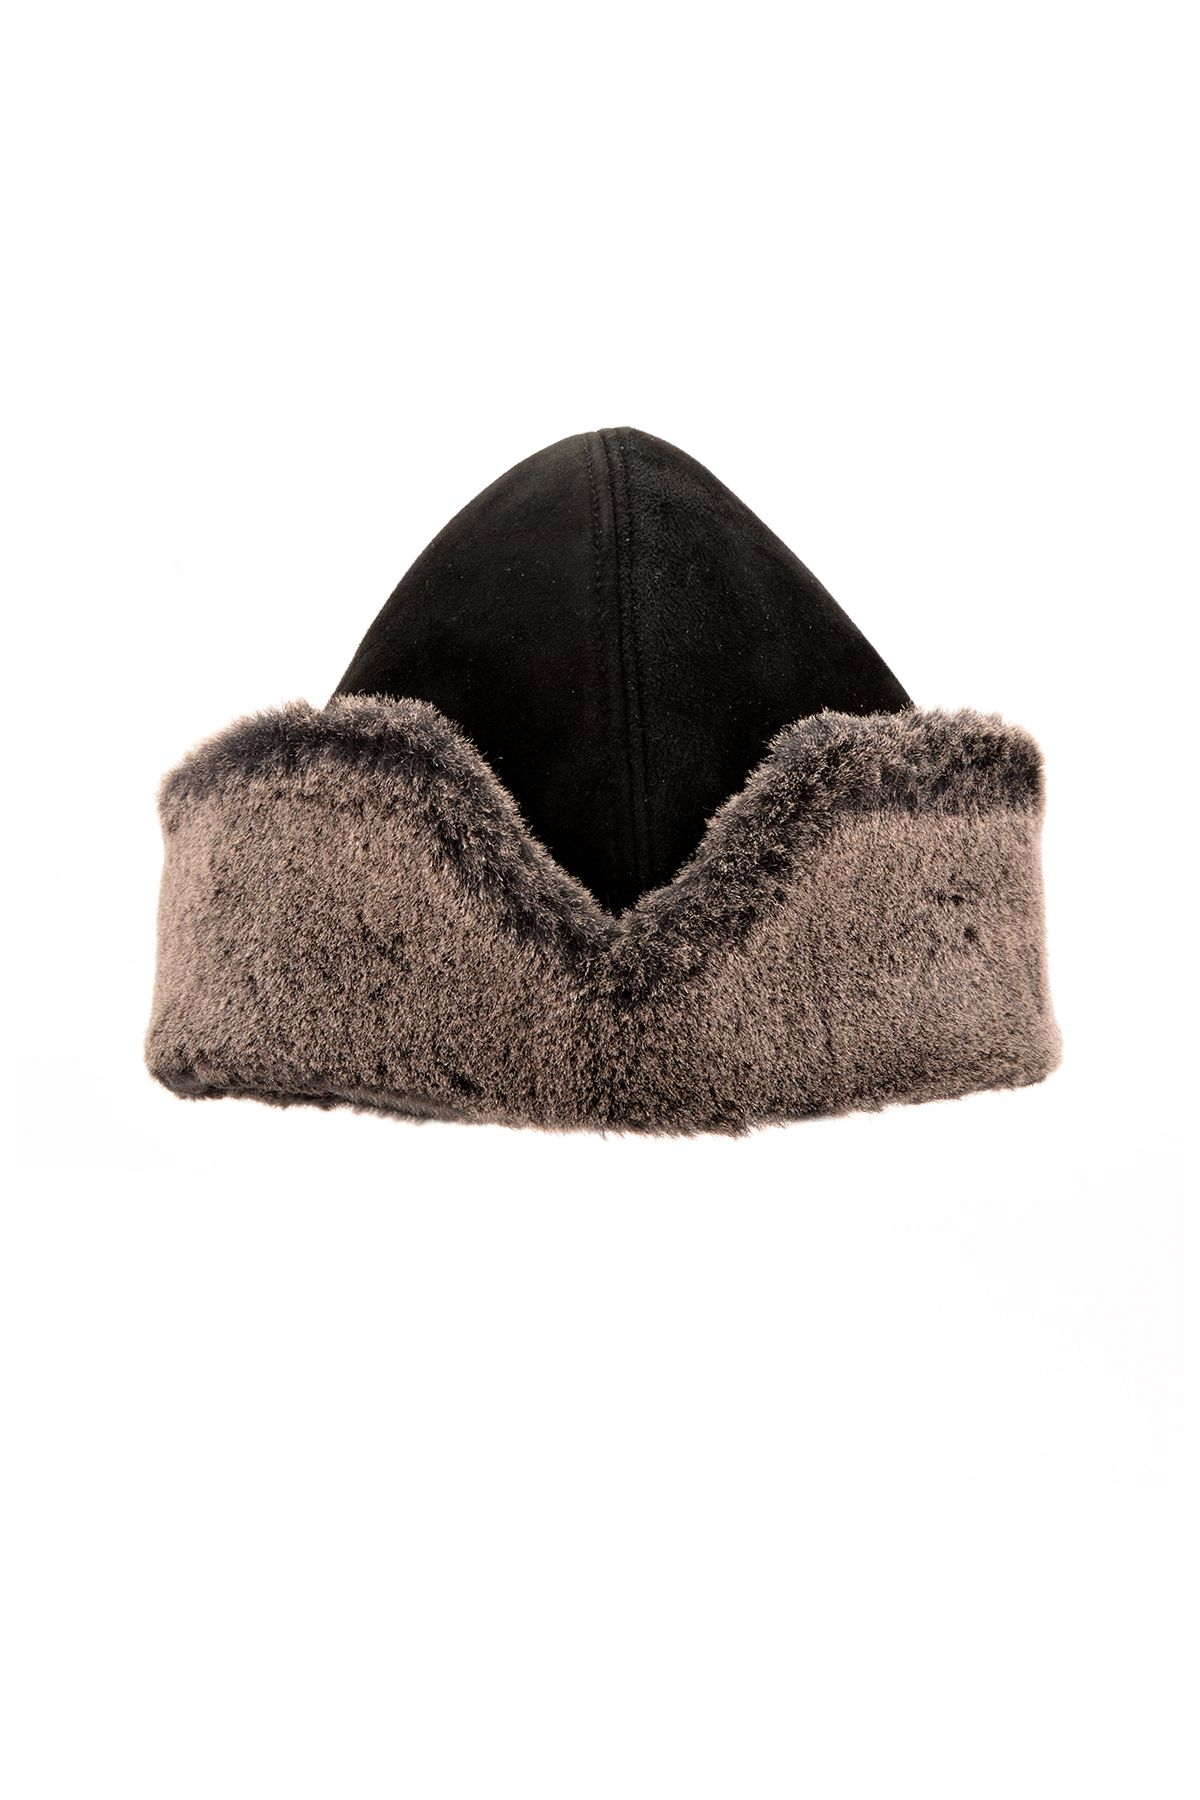 Pegia Hakiki Süet Kürklü Diriliş Şapka 18AS11 Siyah